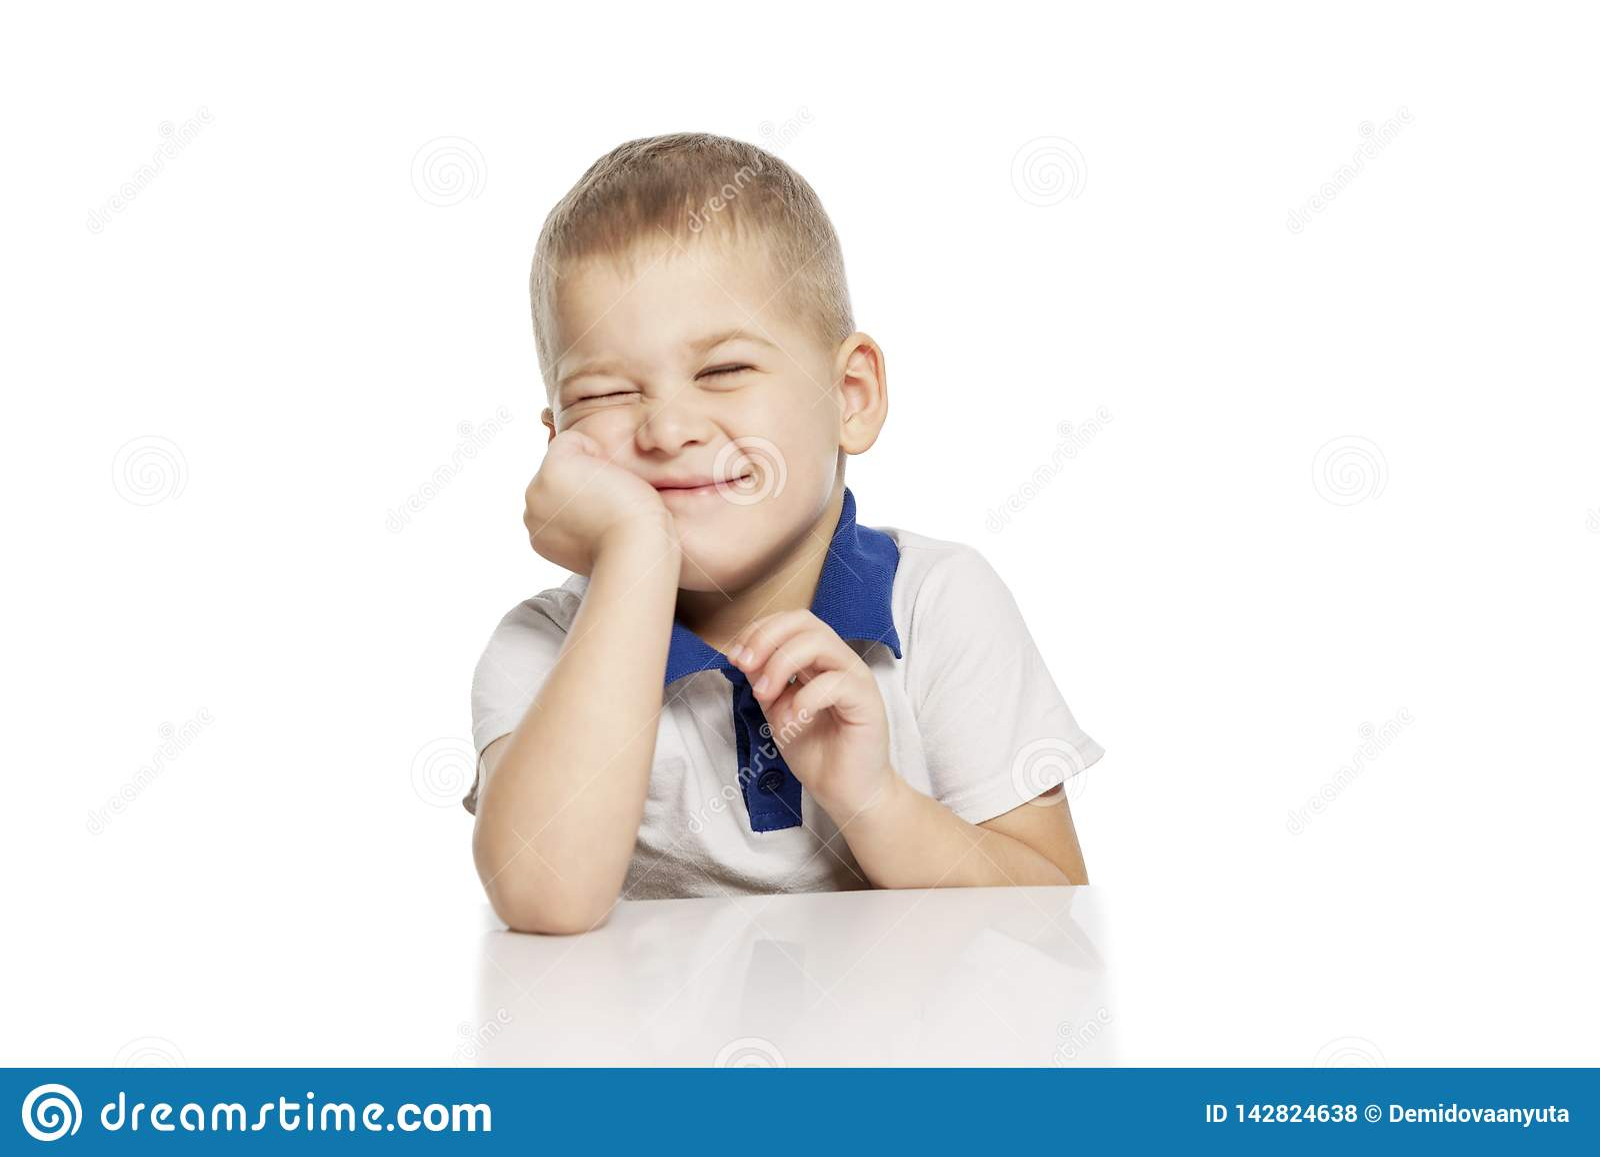 Risas lindas del niño pequeño, aisladas en el fondo blanco